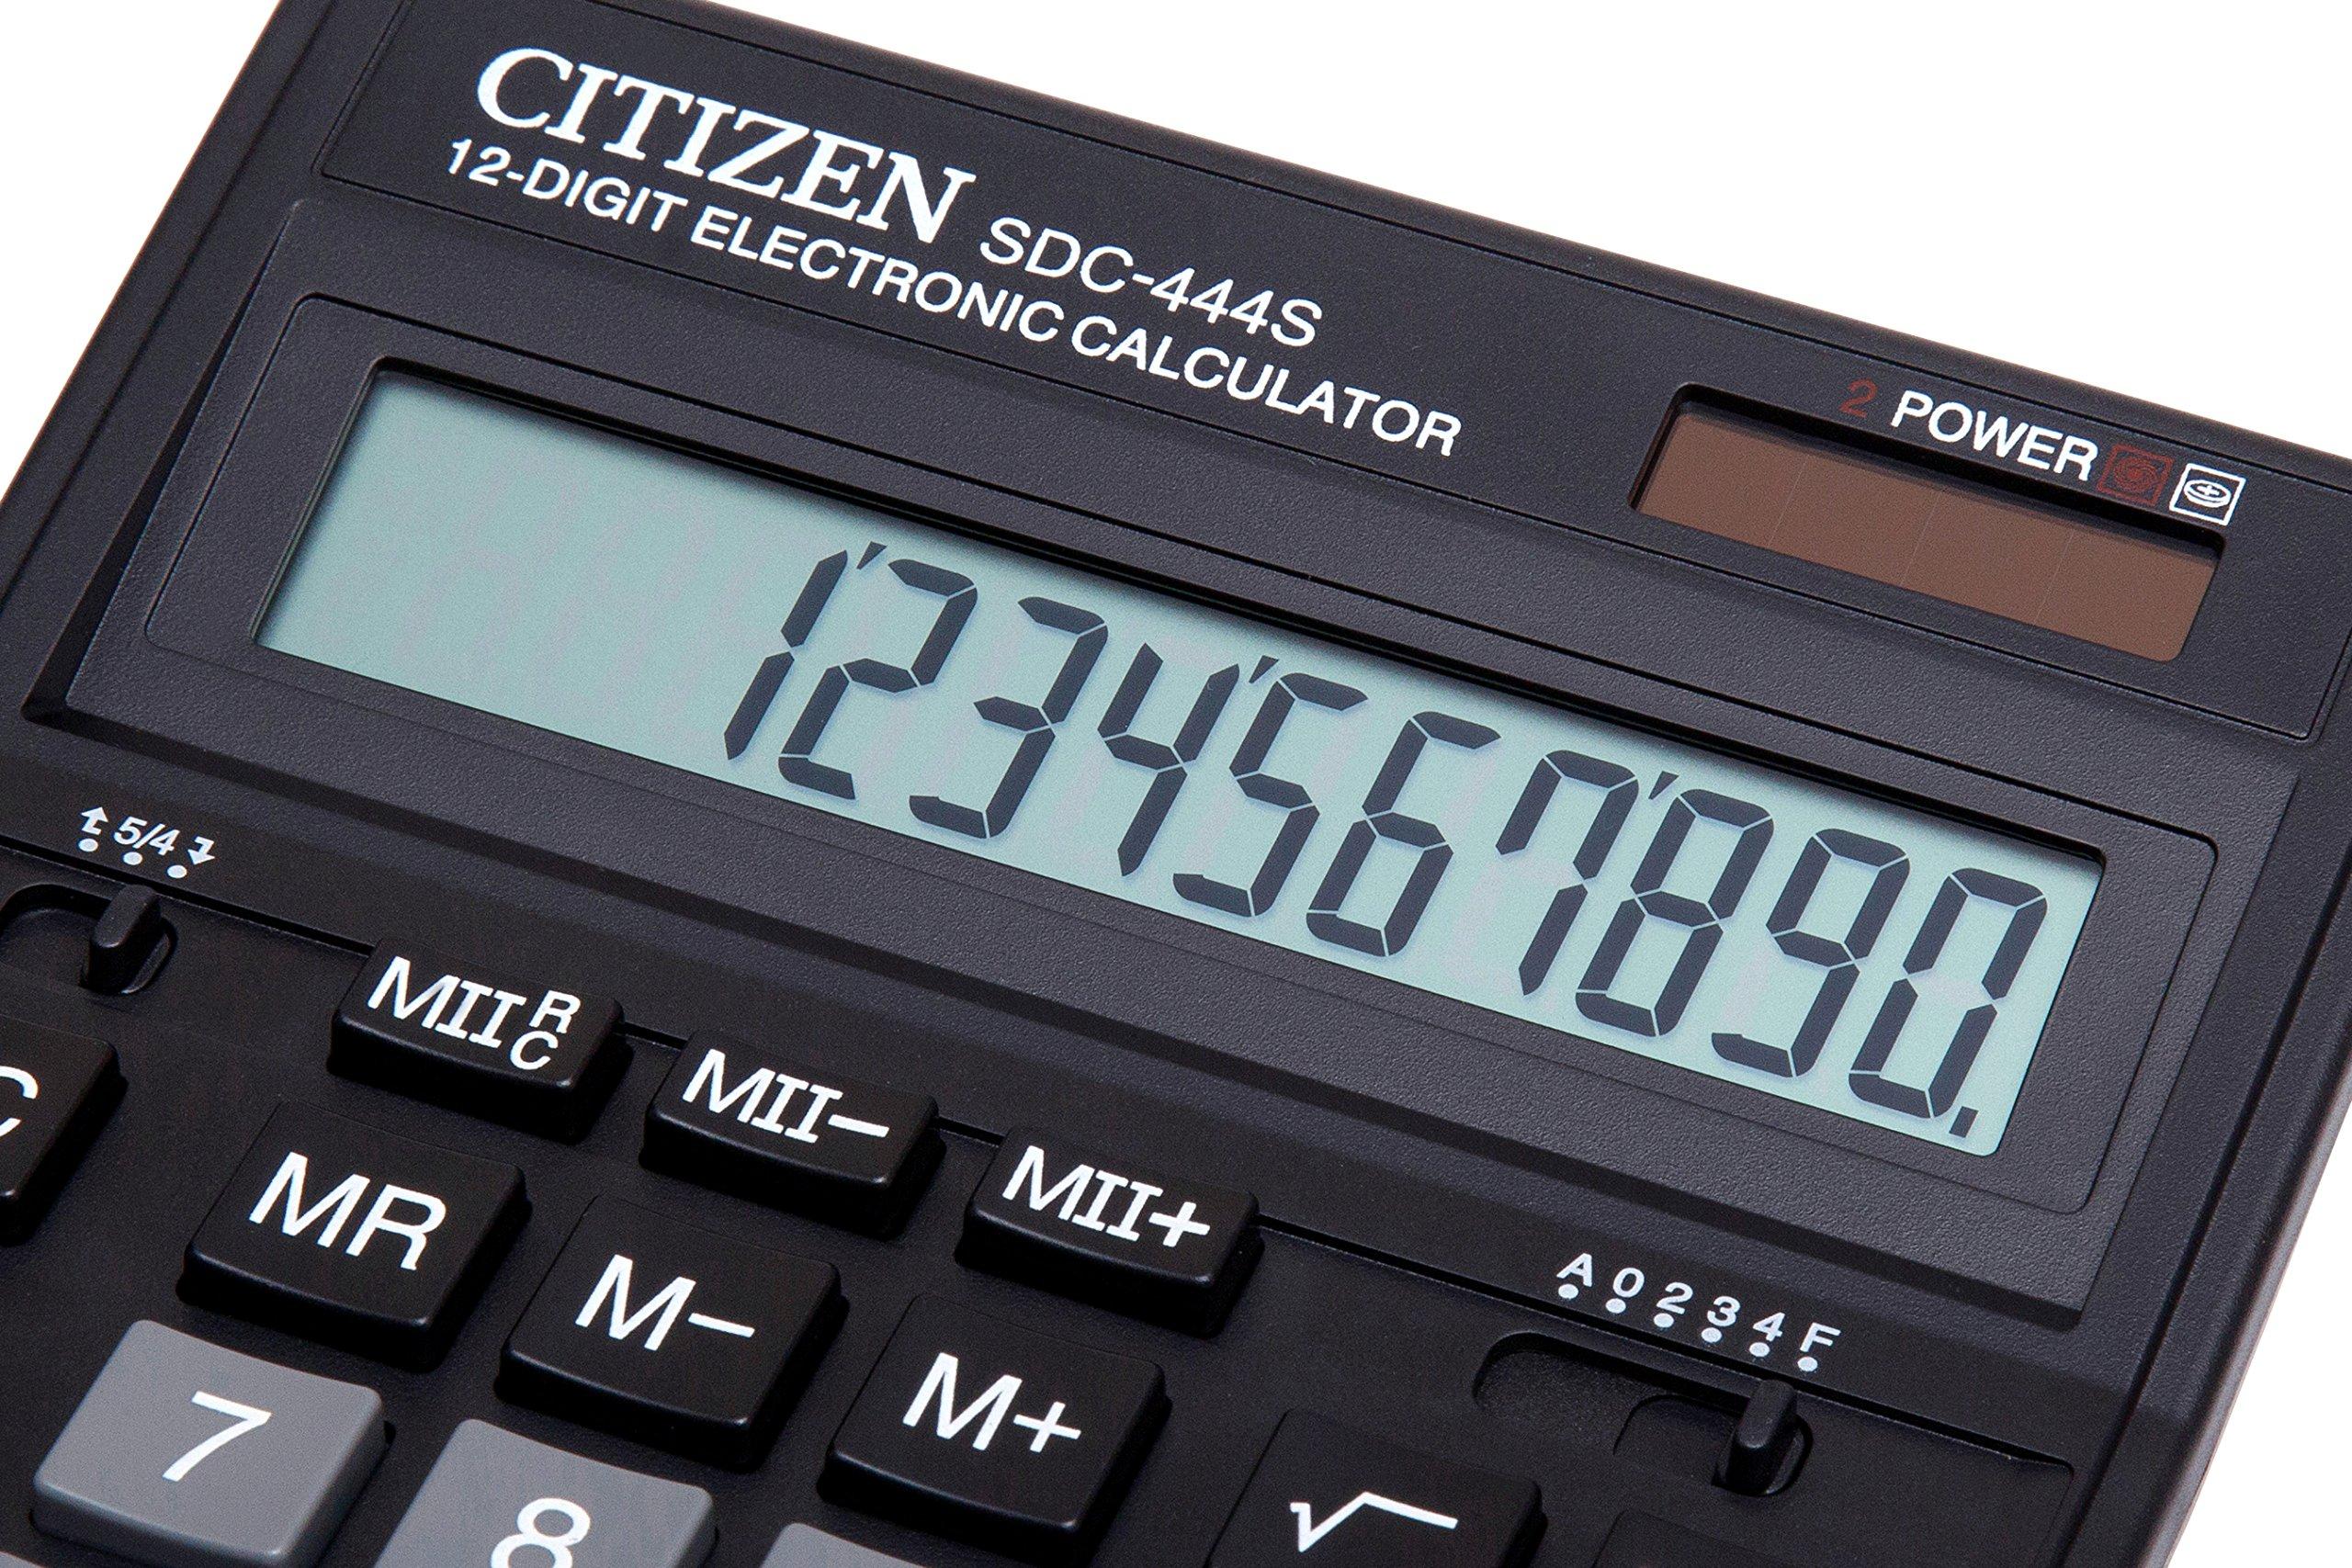 Citizen SDC-444S Calcolatrice da Tavolo Nero